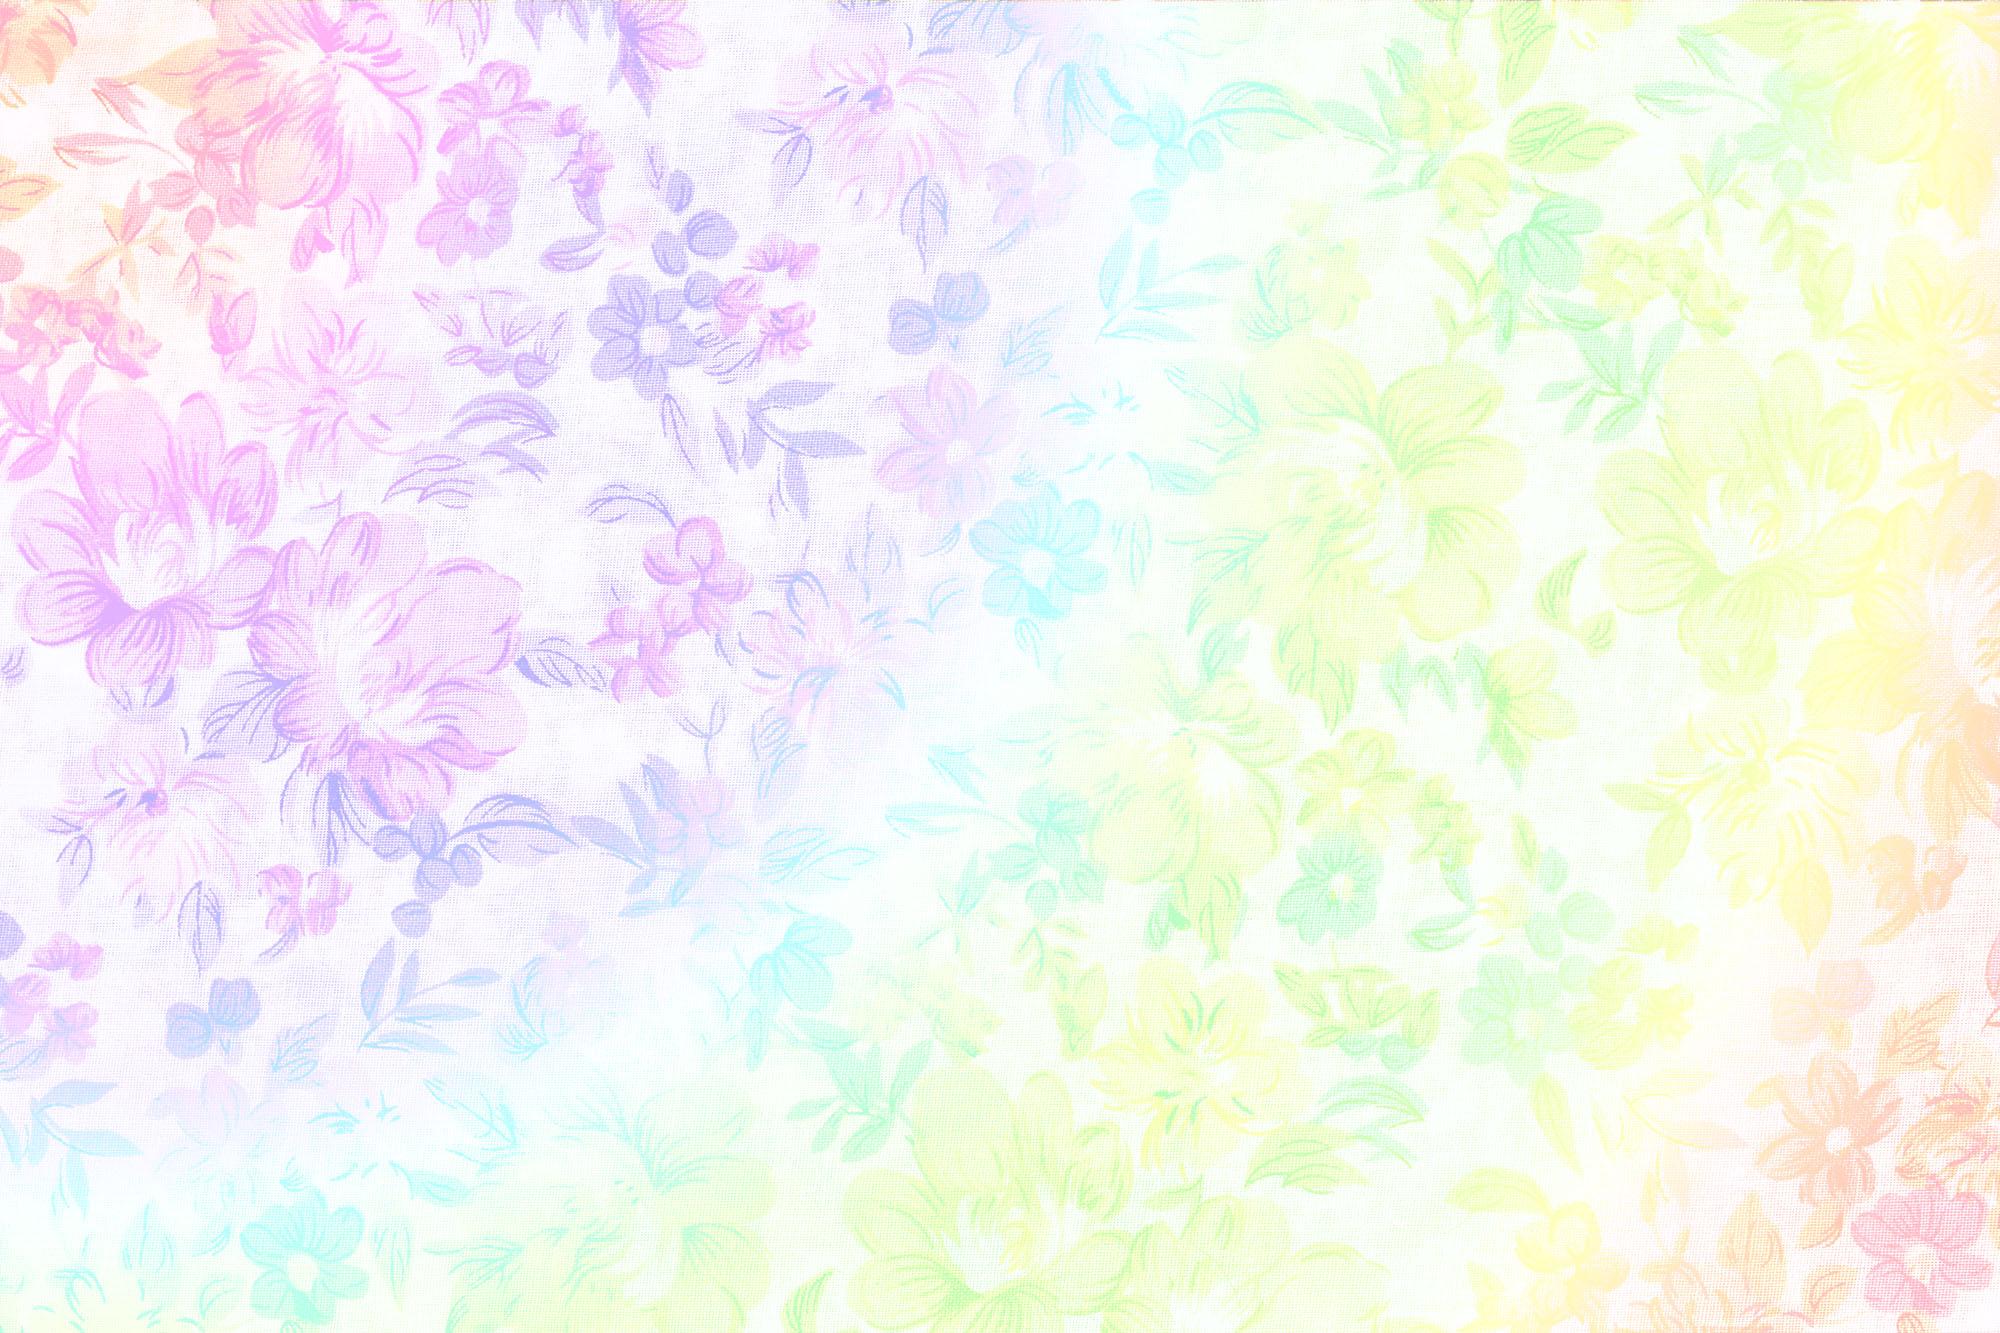 kukkaseina_light.jpg